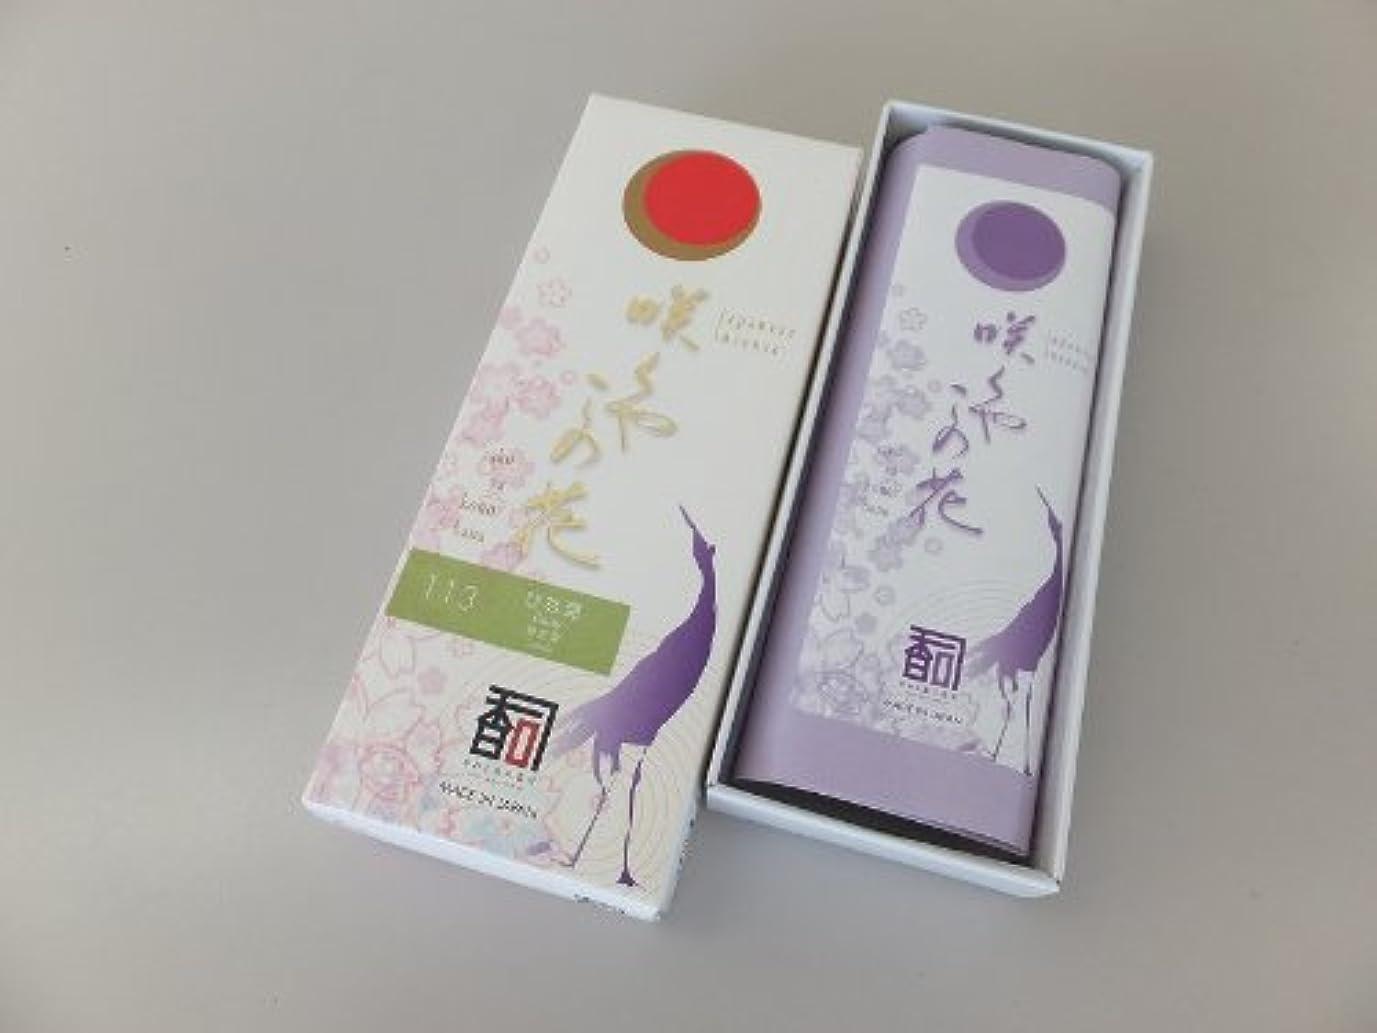 含む大使館競争「あわじ島の香司」 日本の香りシリーズ  [咲くや この花] 【113】 ひな菊 (有煙)